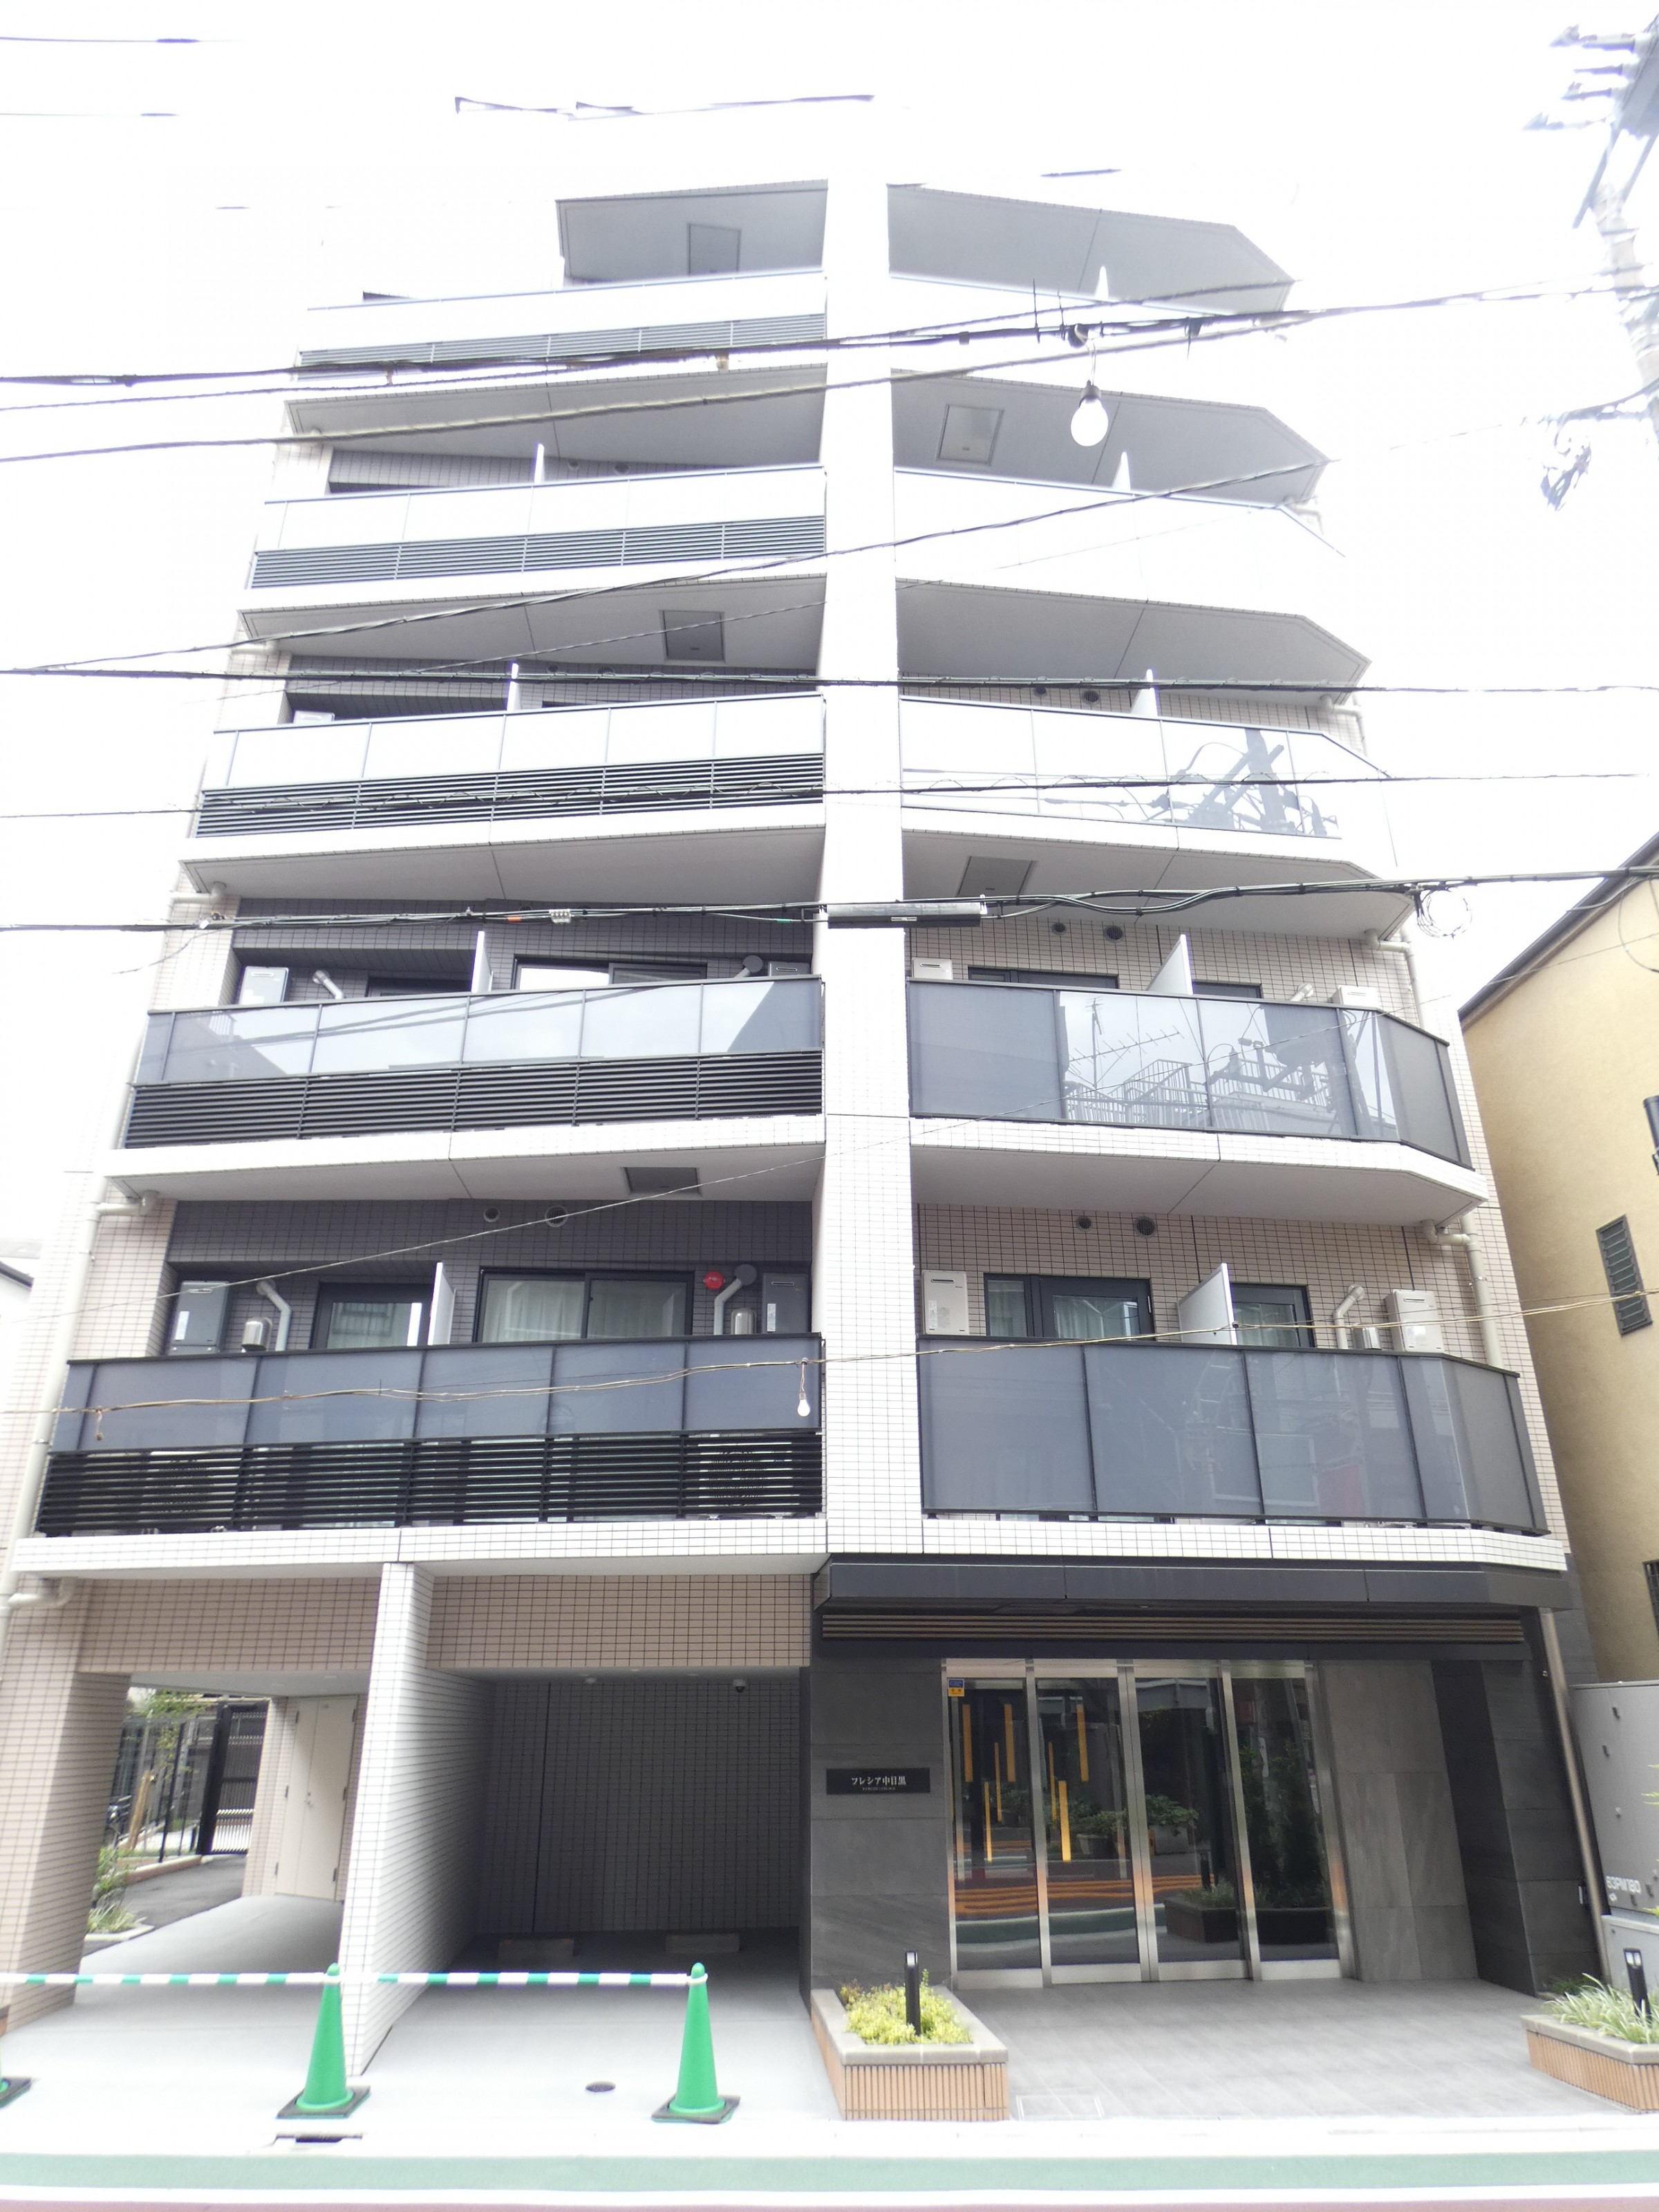 フレシア中目黒の建物写真メイン1